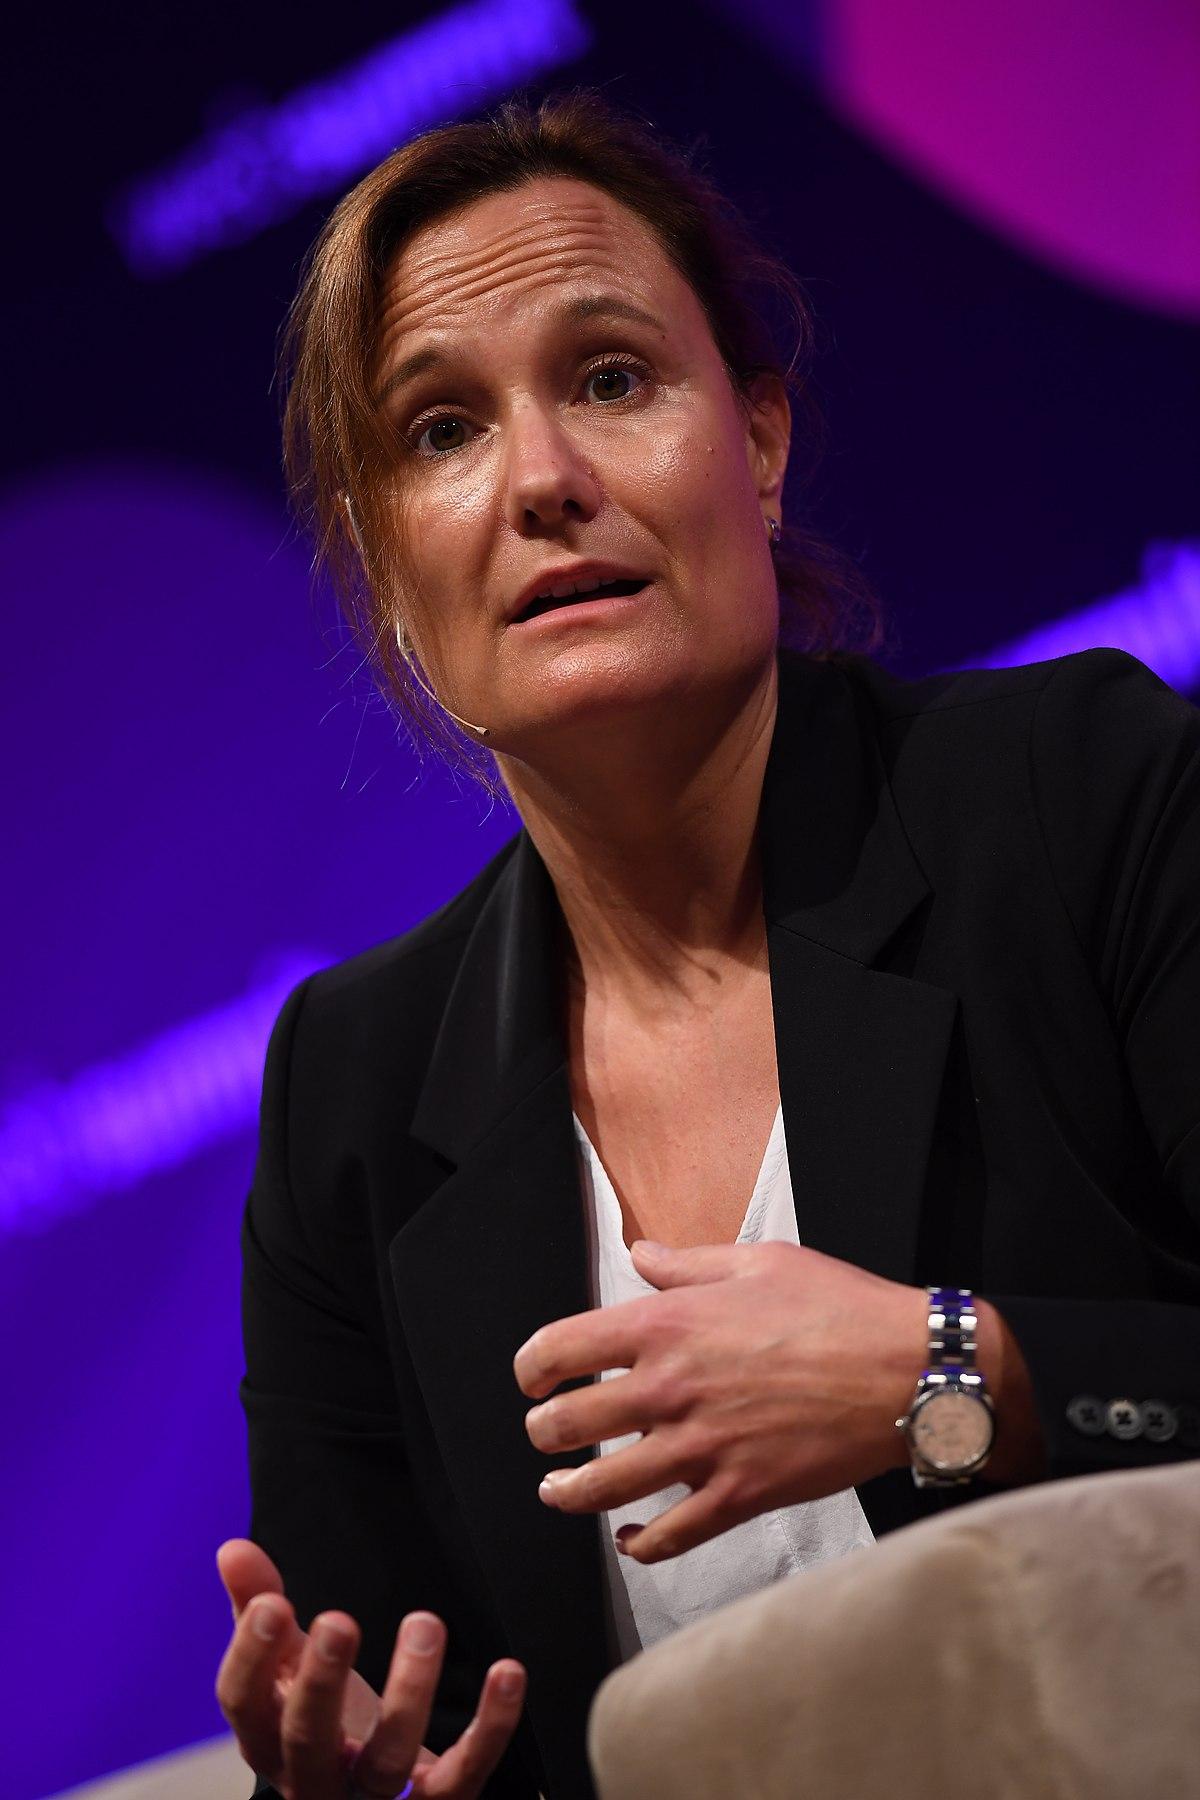 Gillian Tans Wikipedia